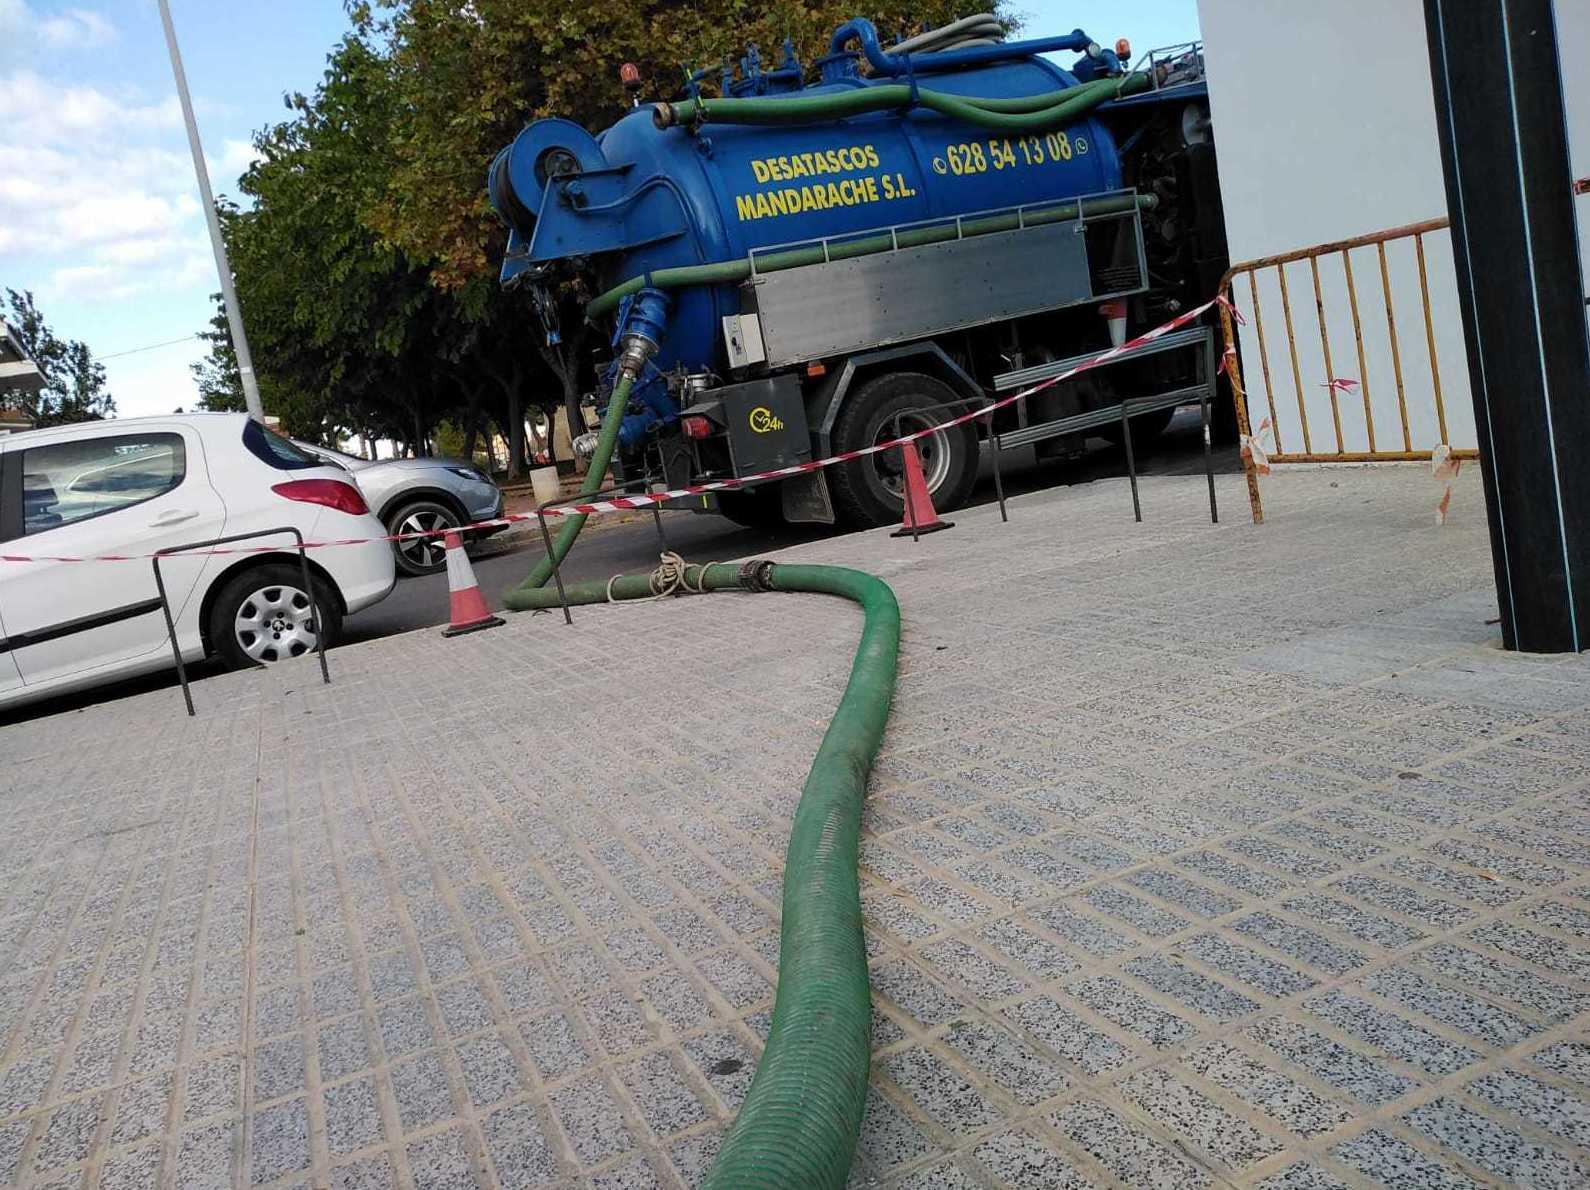 Foto 8 de Desatascos en Cartagena | Desatascos Mandarache, S.L.